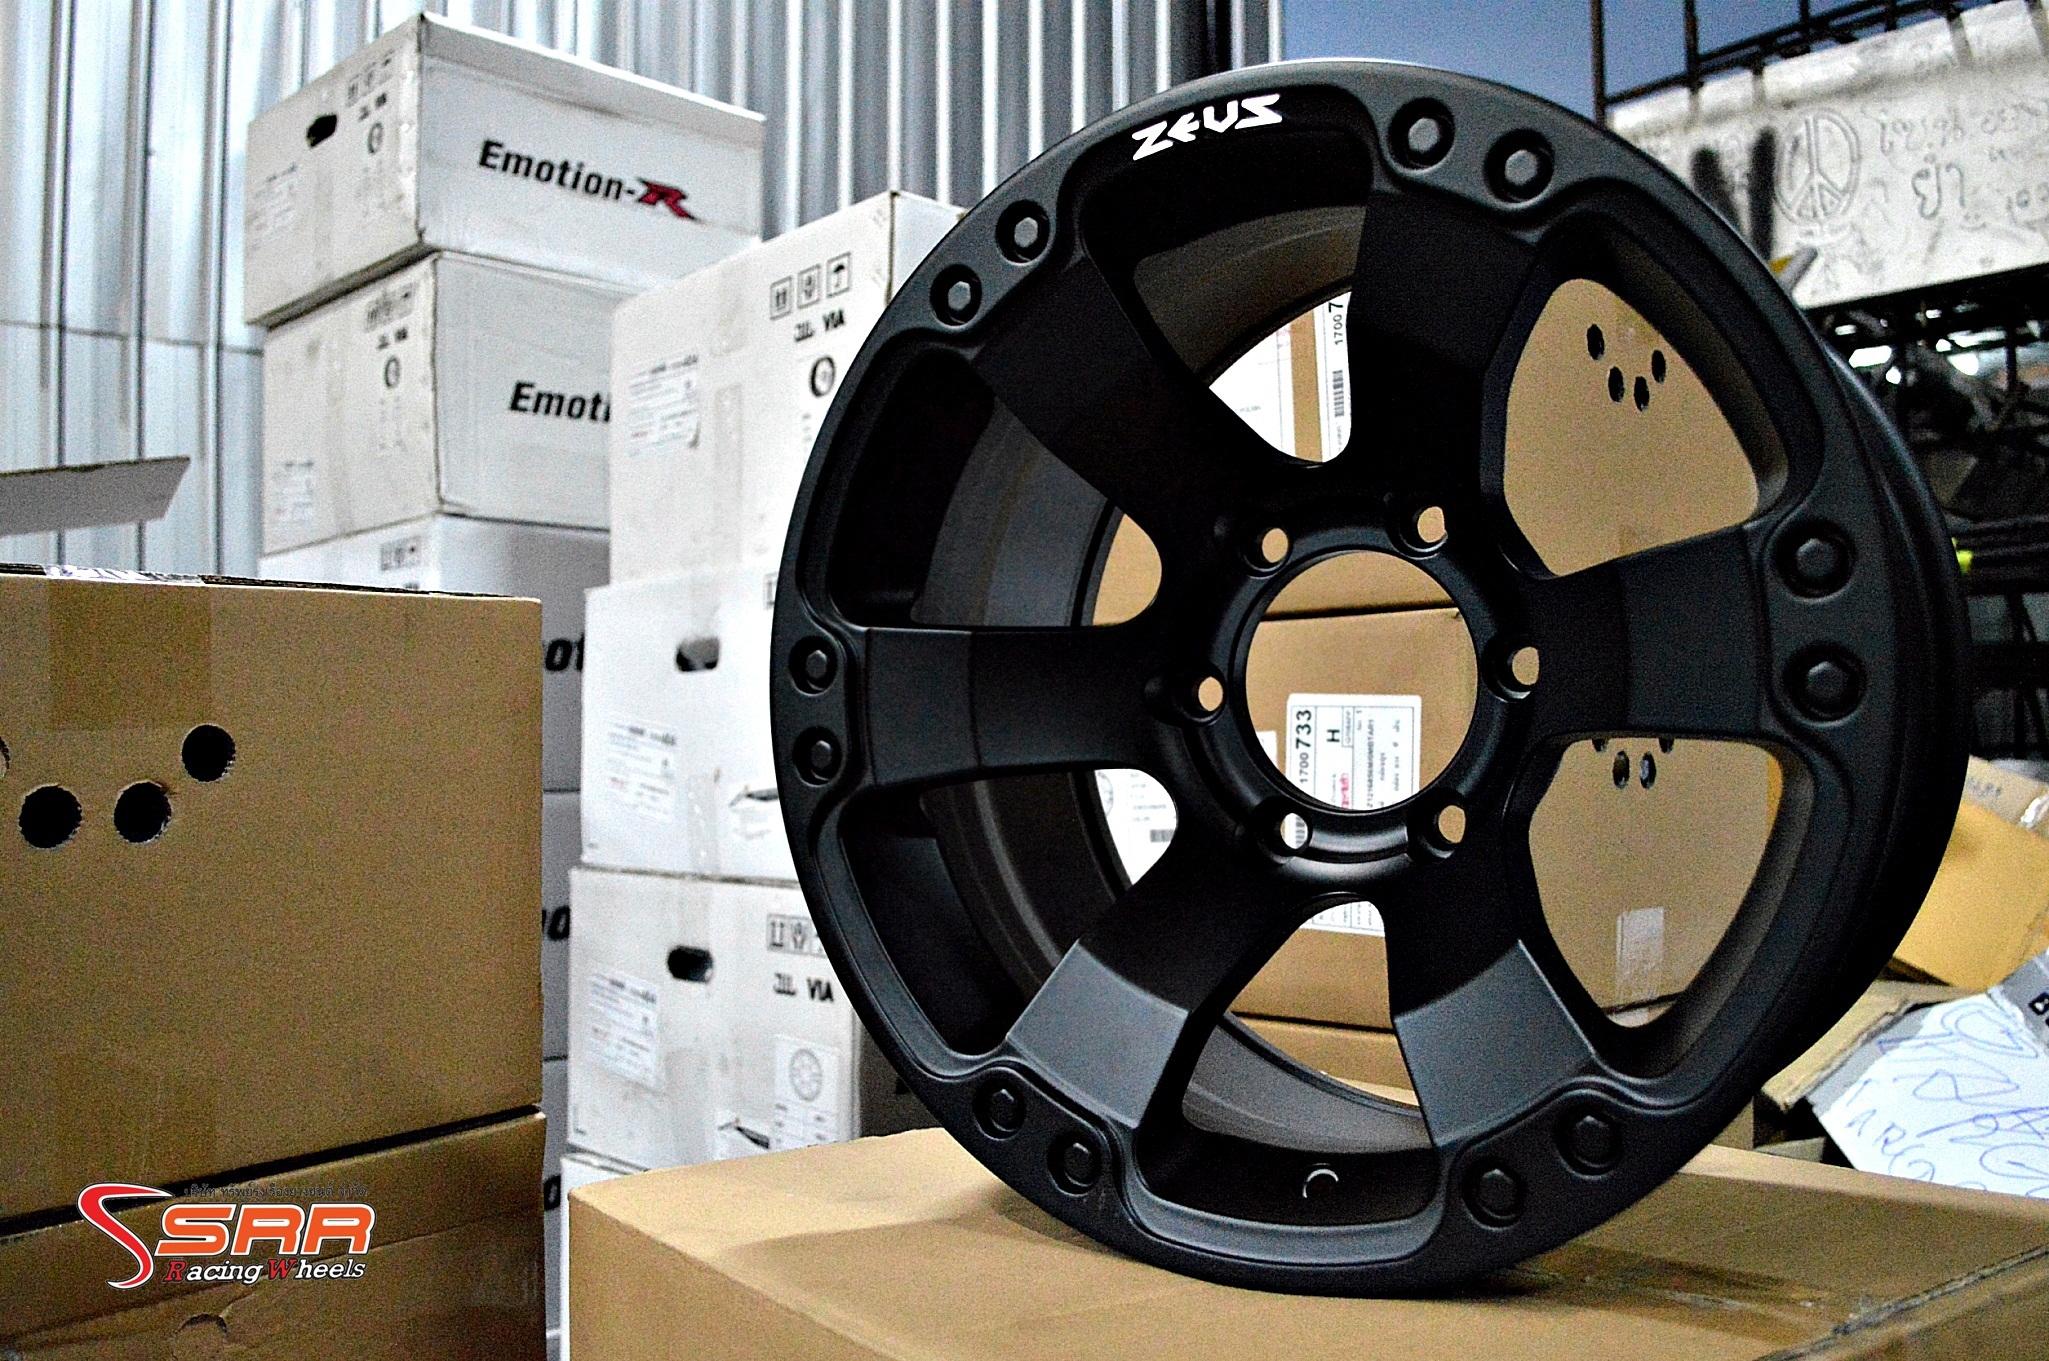 ล้อแม็ก ZEUS-12 16X8.5 นิ้ว ET +0 PCD 6X139.7